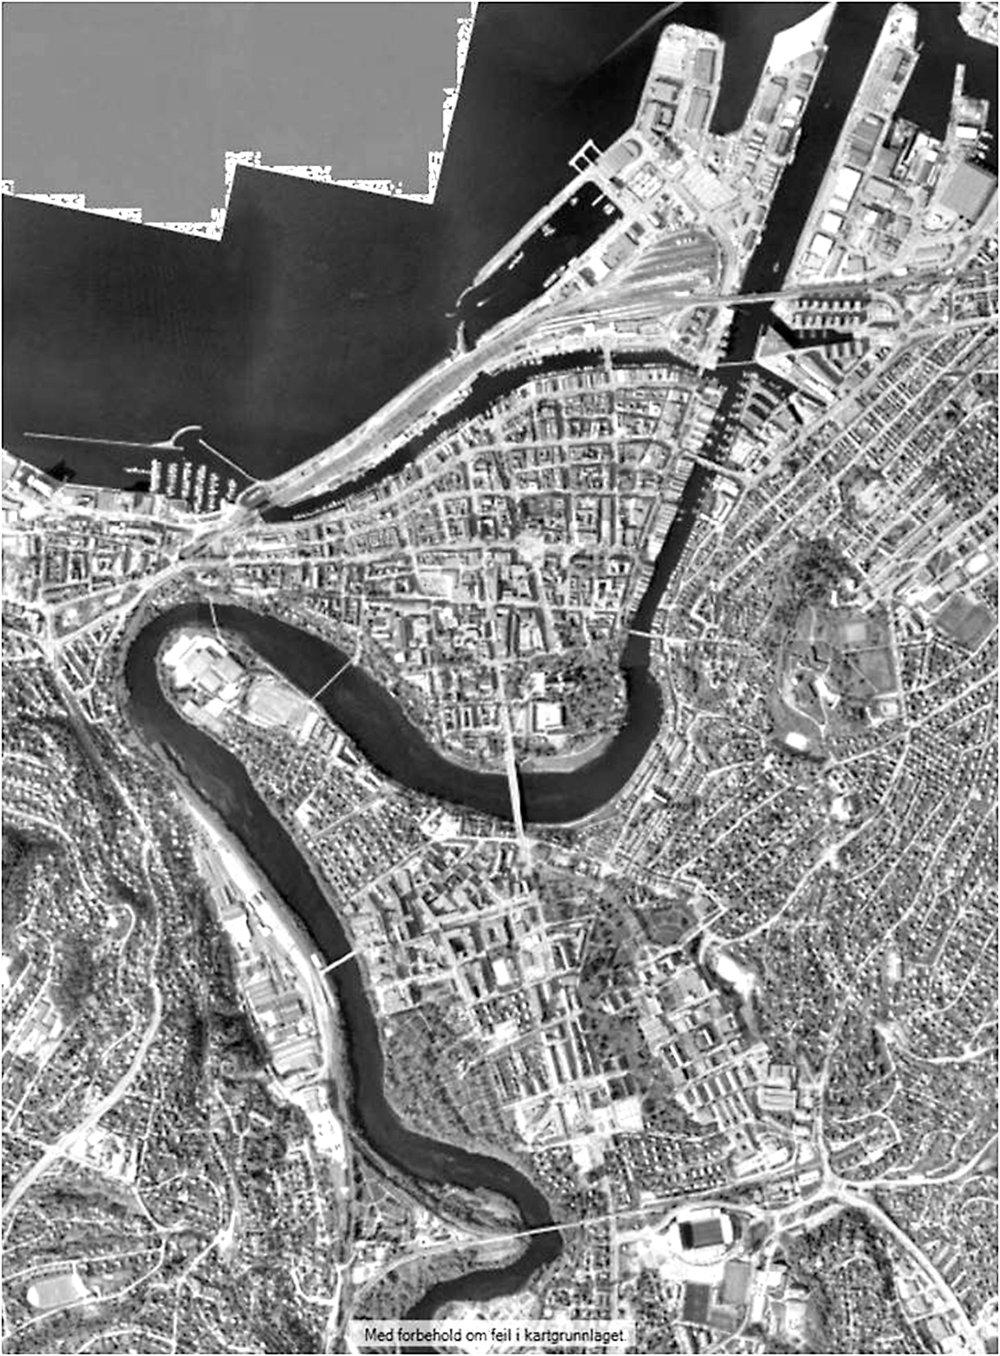 Trondheim. Ett förslag att flytta en del av humnistisk och samhällsvetenskapliga institutionerna från en perifer geografisk placering till en mera central plats inom stadens campusanläggning och på så sätt komplettera och stärka stadens campusanläggning och göra den mera rustad för att möta komplexa utmaningar. (Exempel på nyskapande projekt)